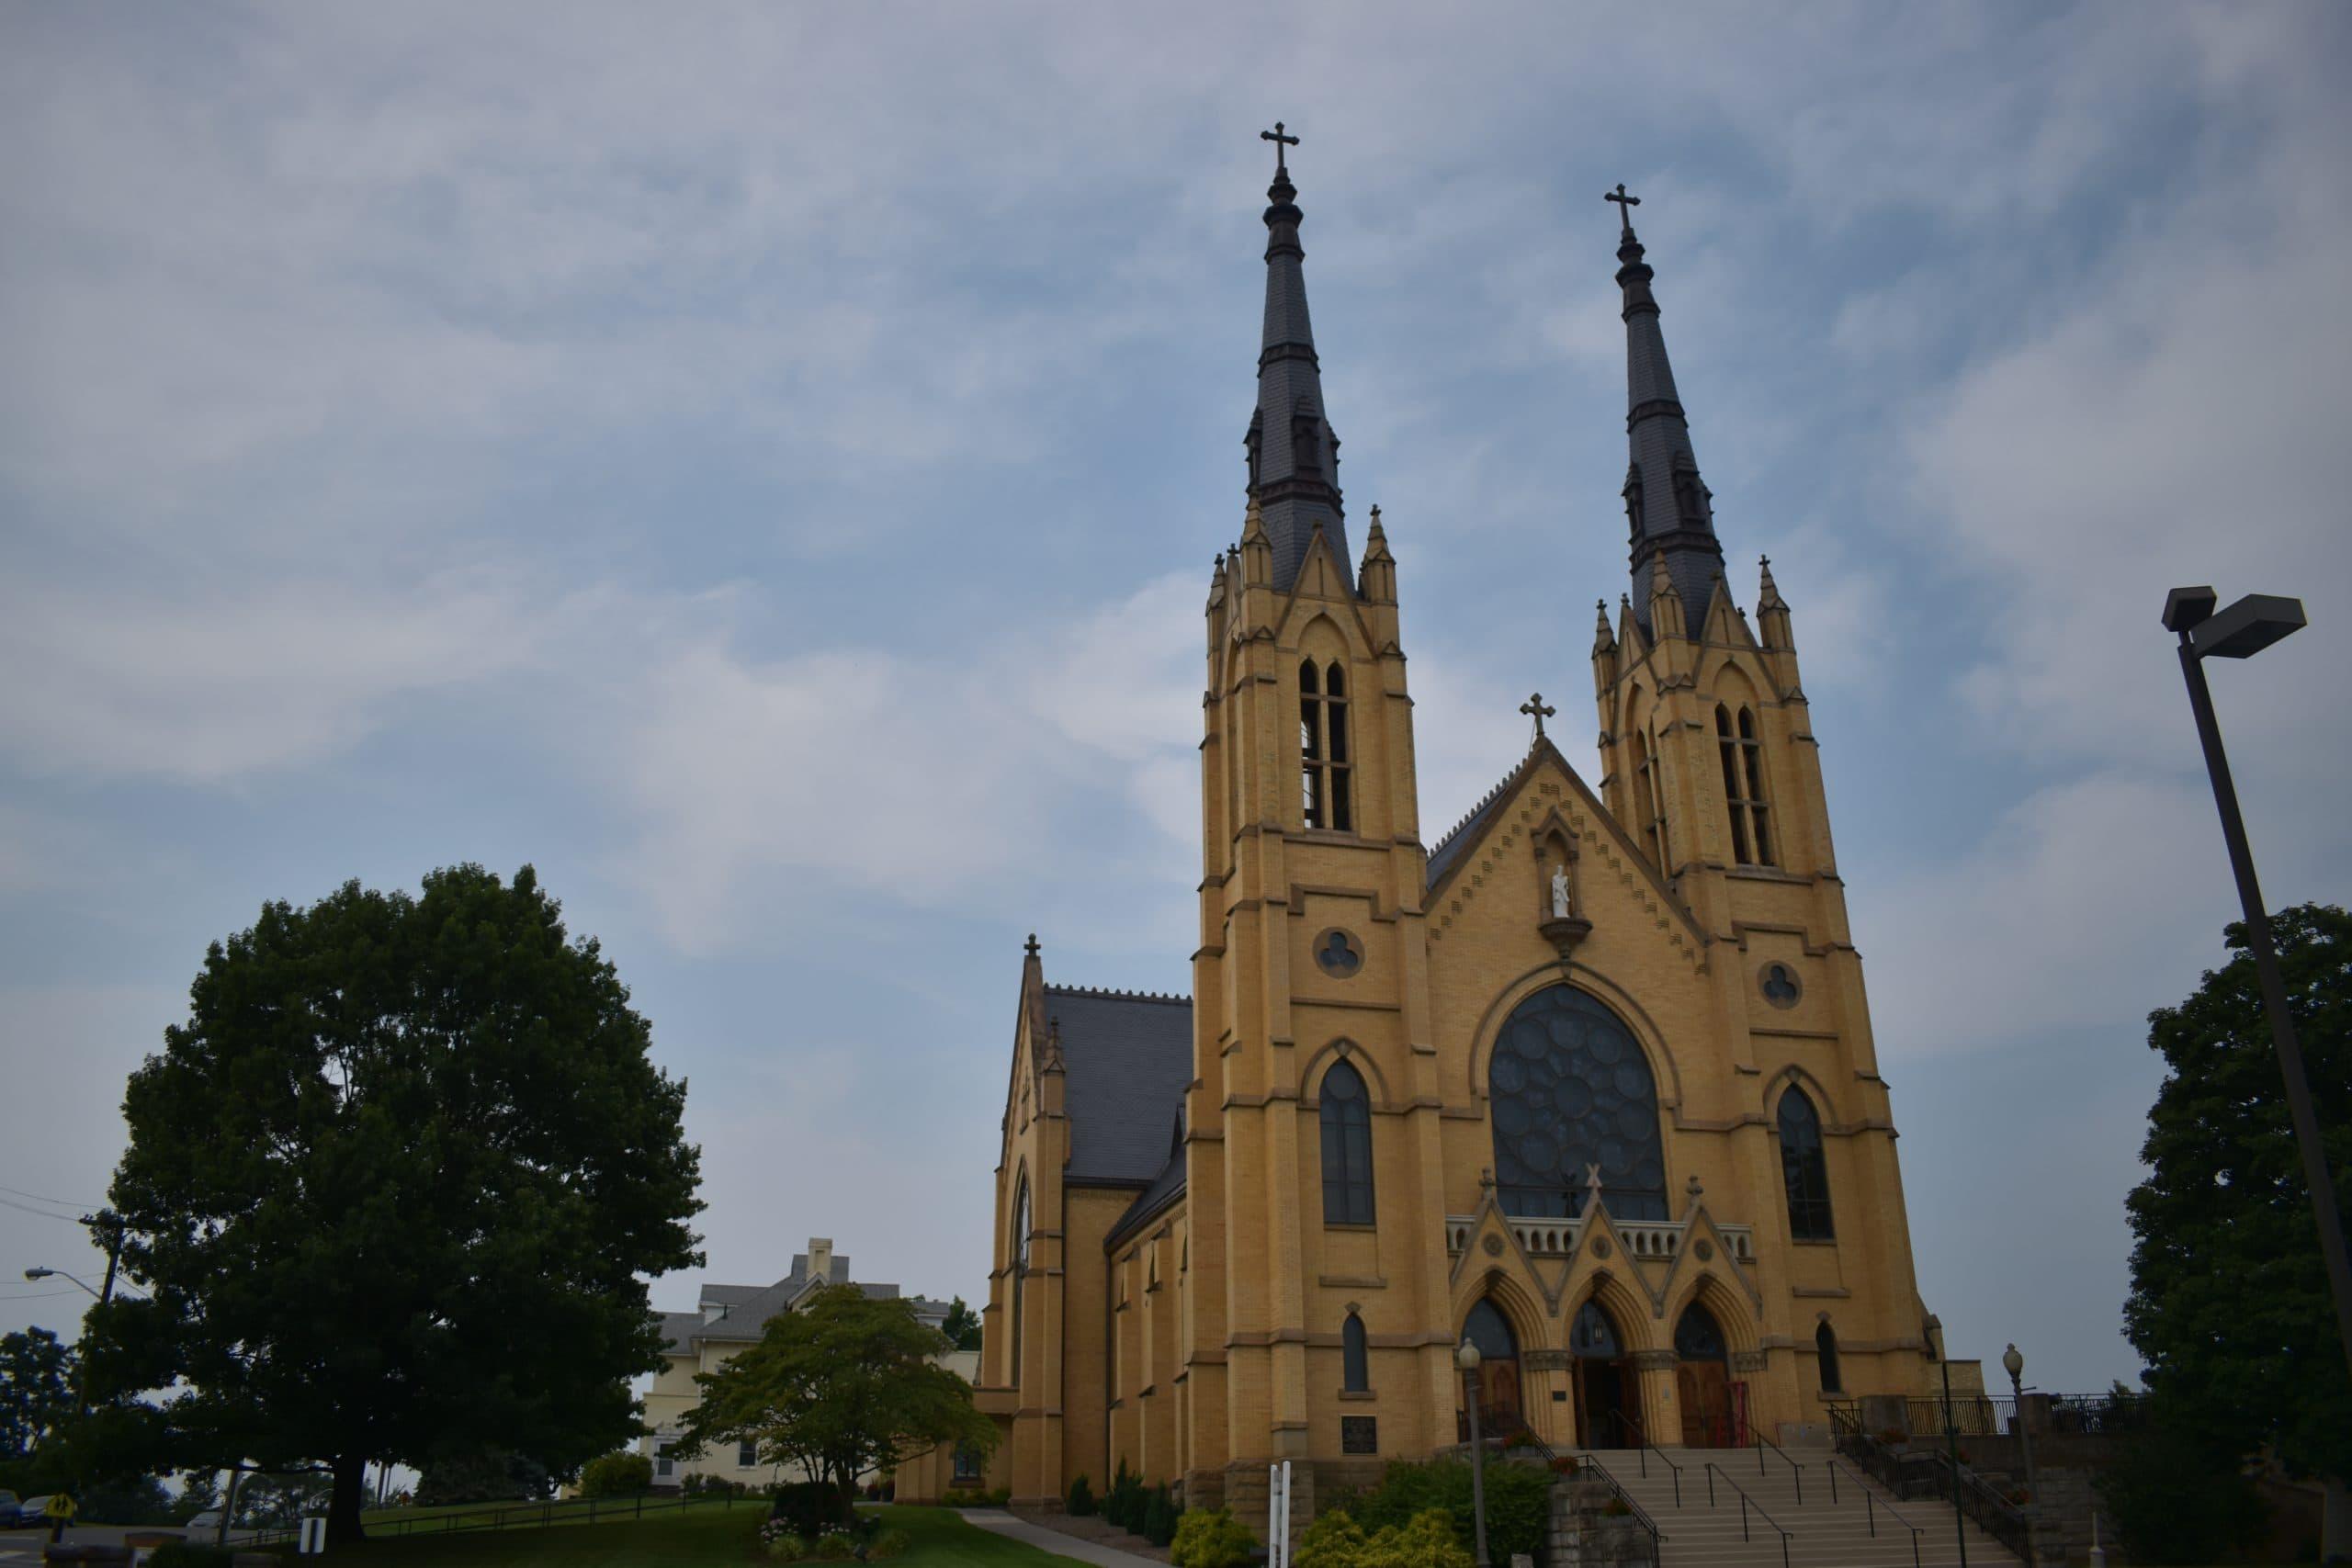 St. Andrews Catholic Church scaled